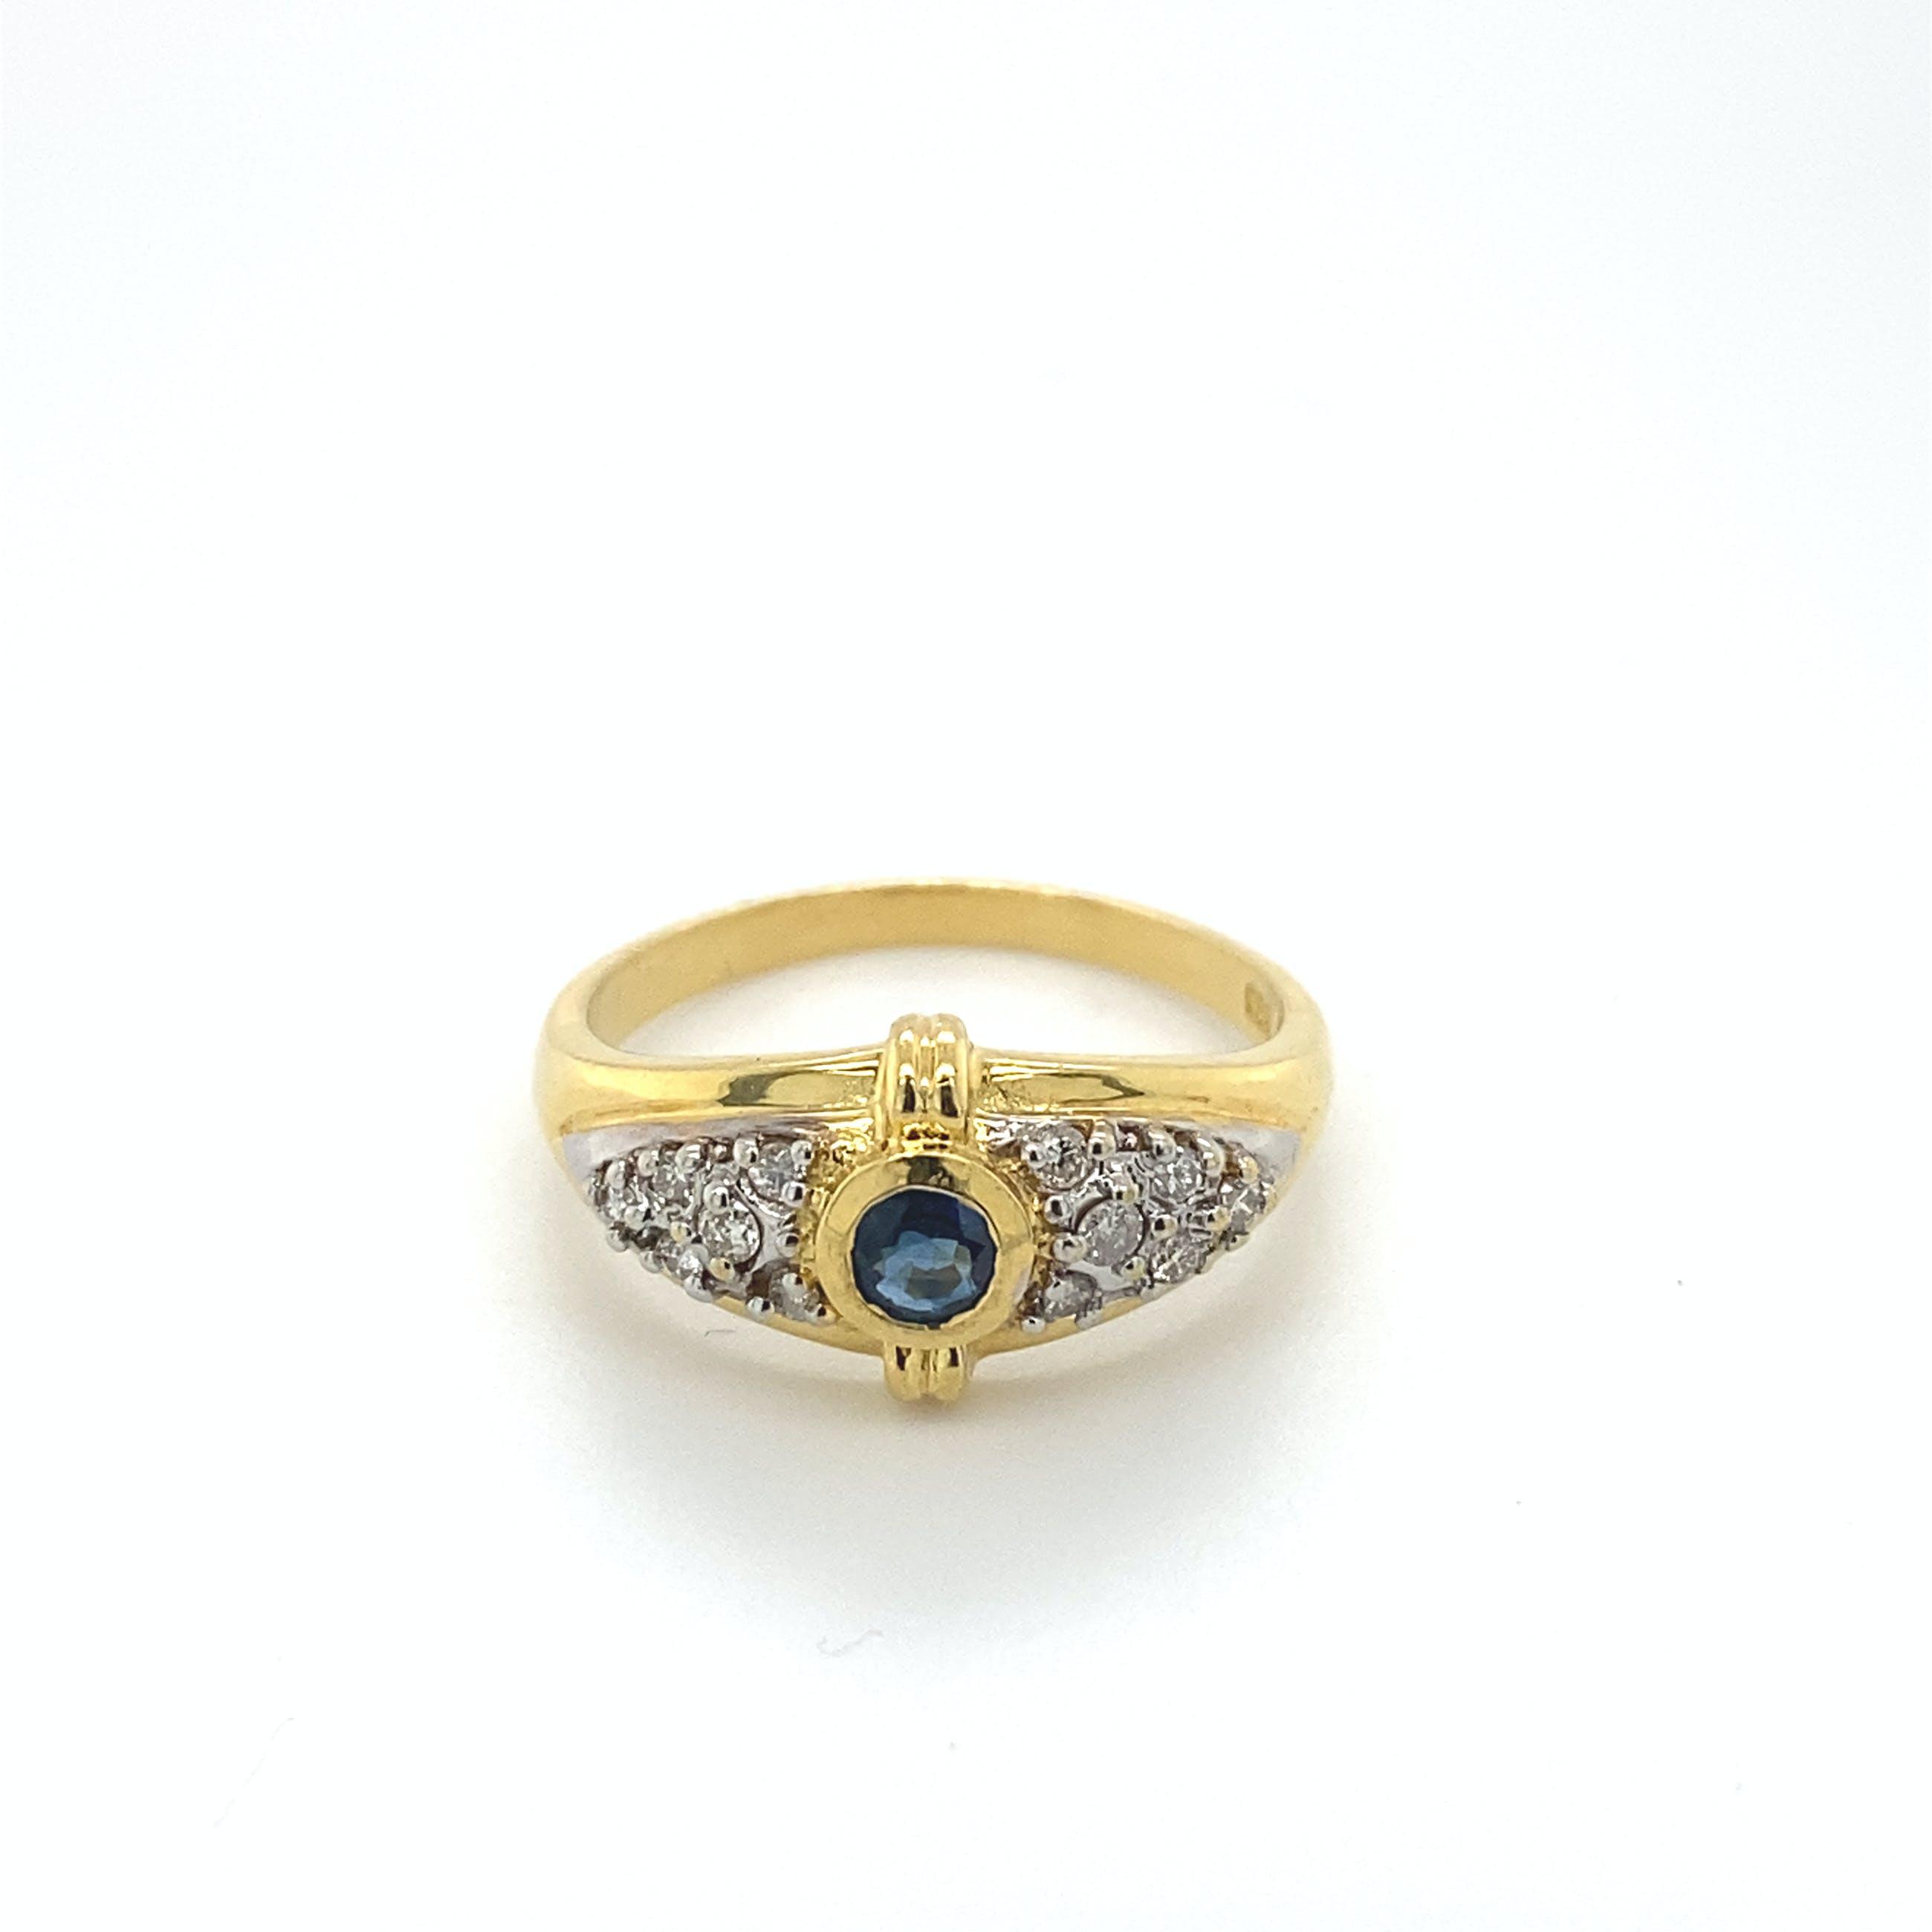 18kt gouden ring met saffier en diamant, maat 51/17, 4,02gr kopen? Bied vanaf 270!